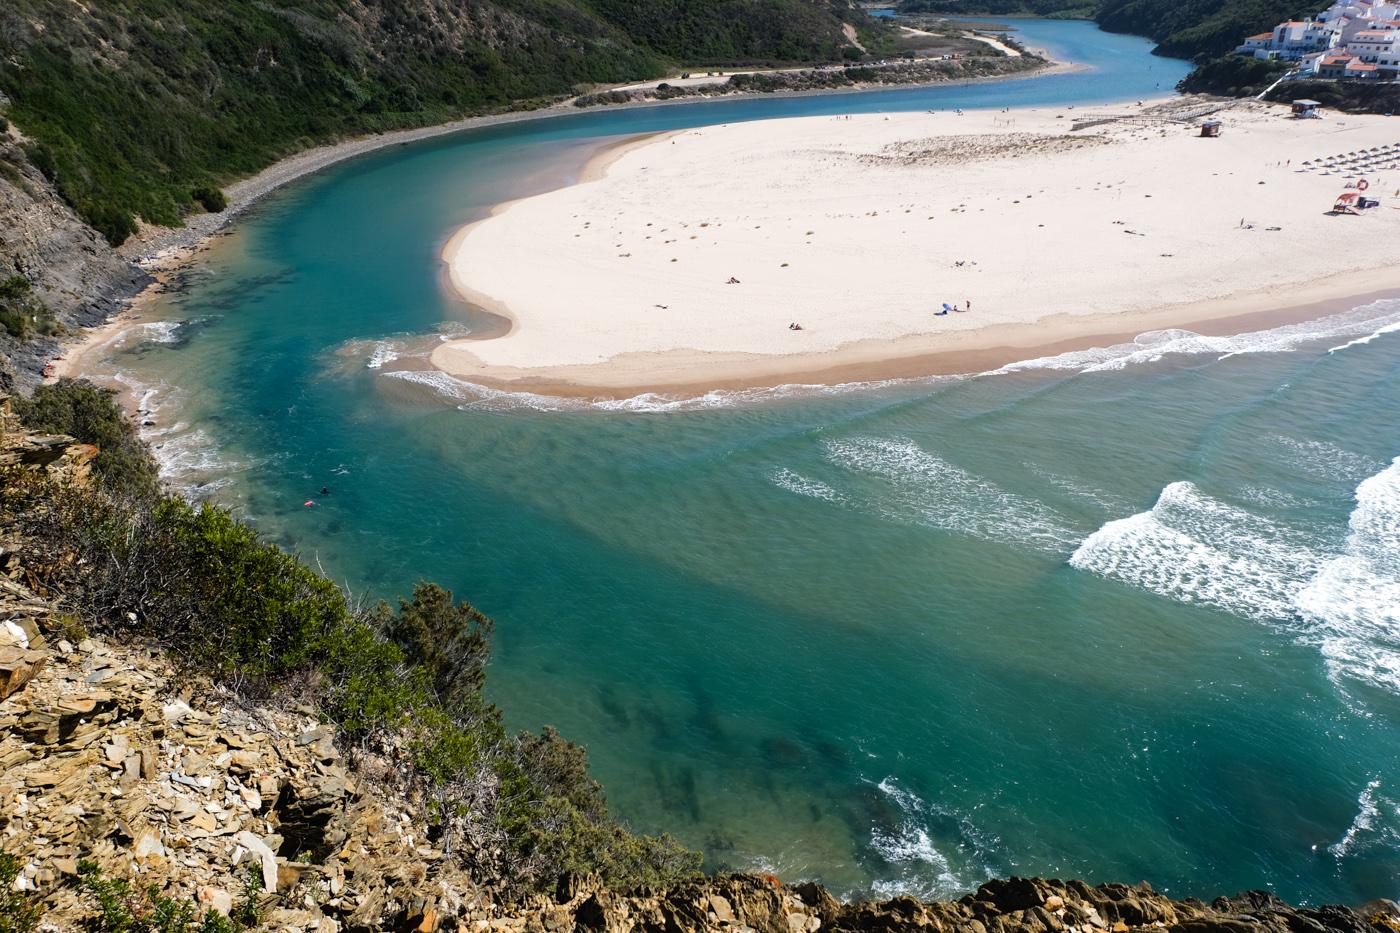 Rota Vicentina cammino a piedi Portogallo sentiero dei pescatori odeceixe